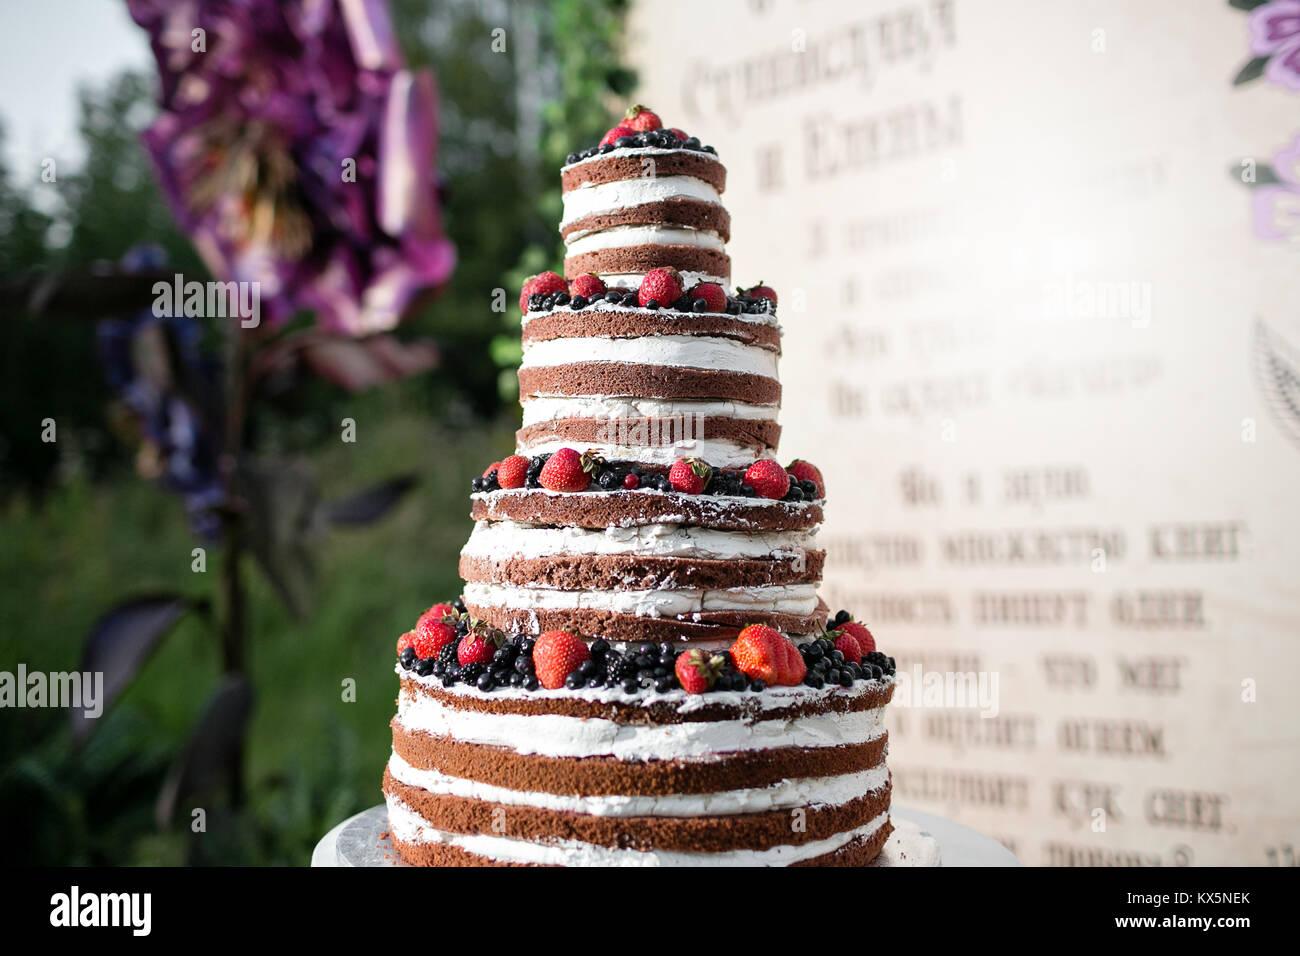 Runde Mehrstufige Hochzeitstorte Mit Schwamm Sahne Marmelade Und